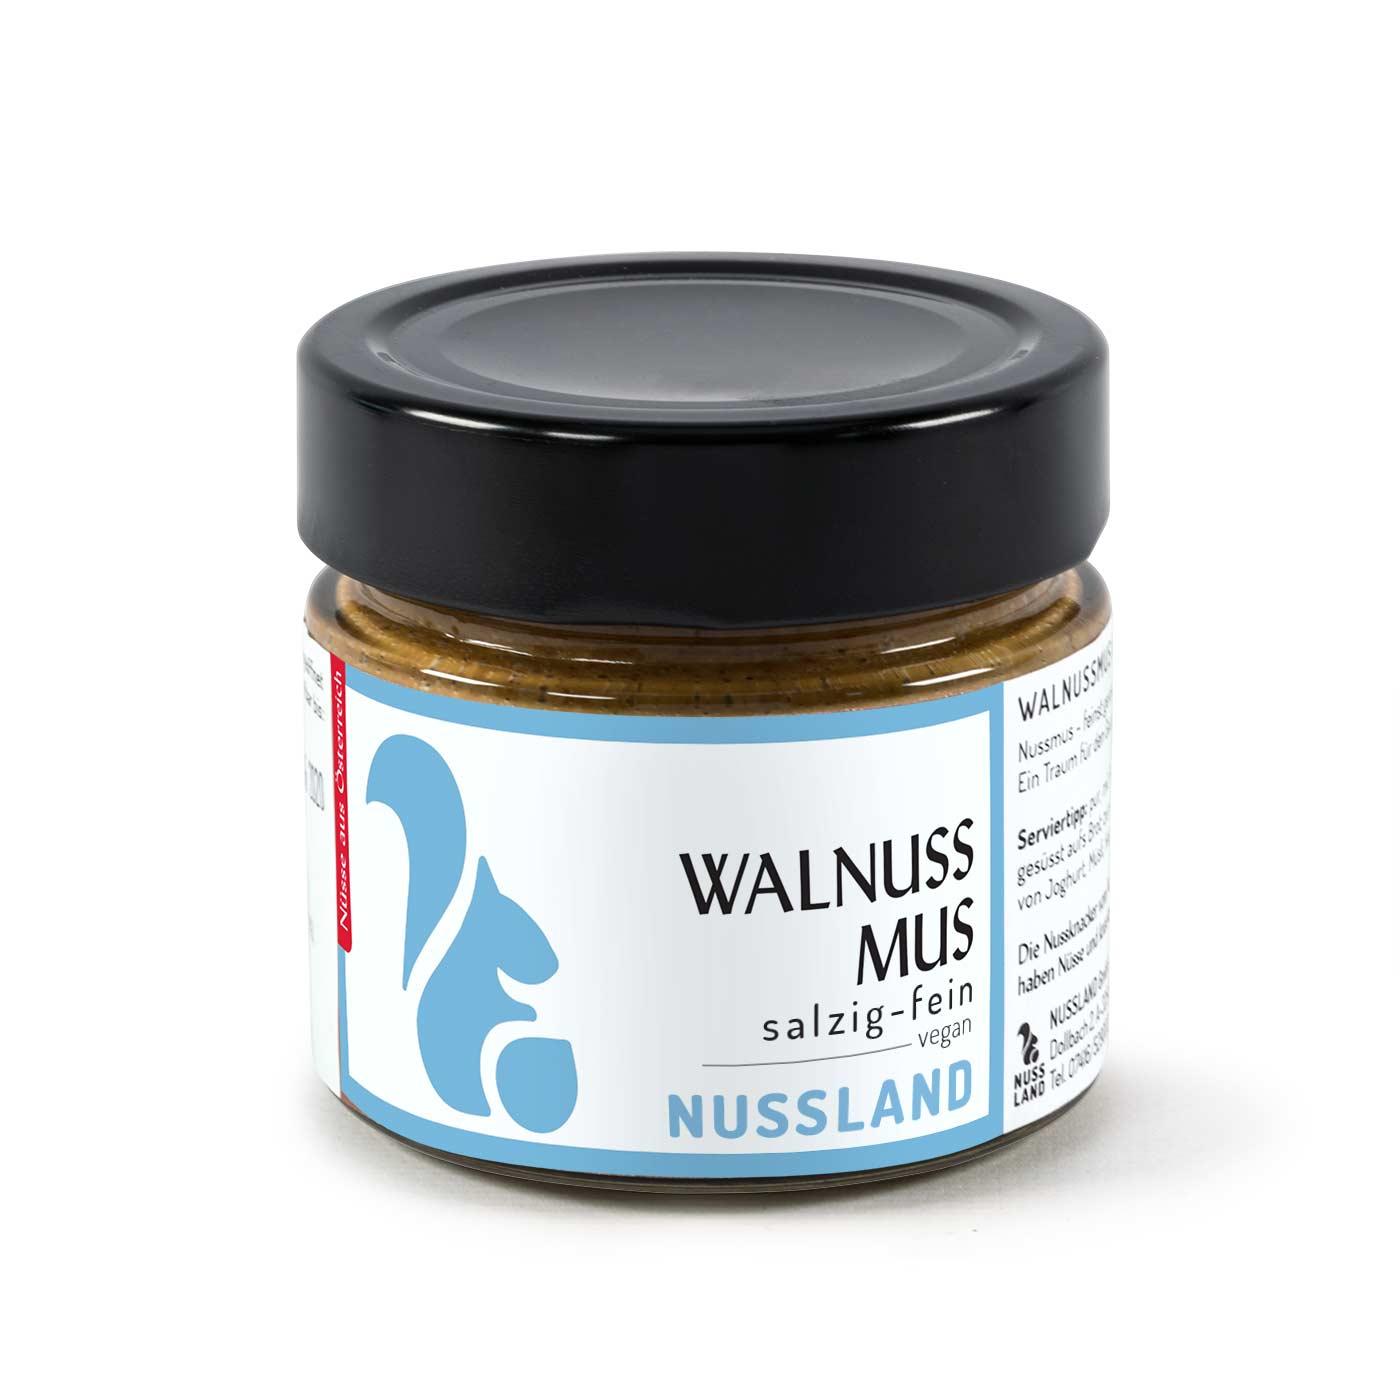 Walnuss-Mus 'Salzig – fein'